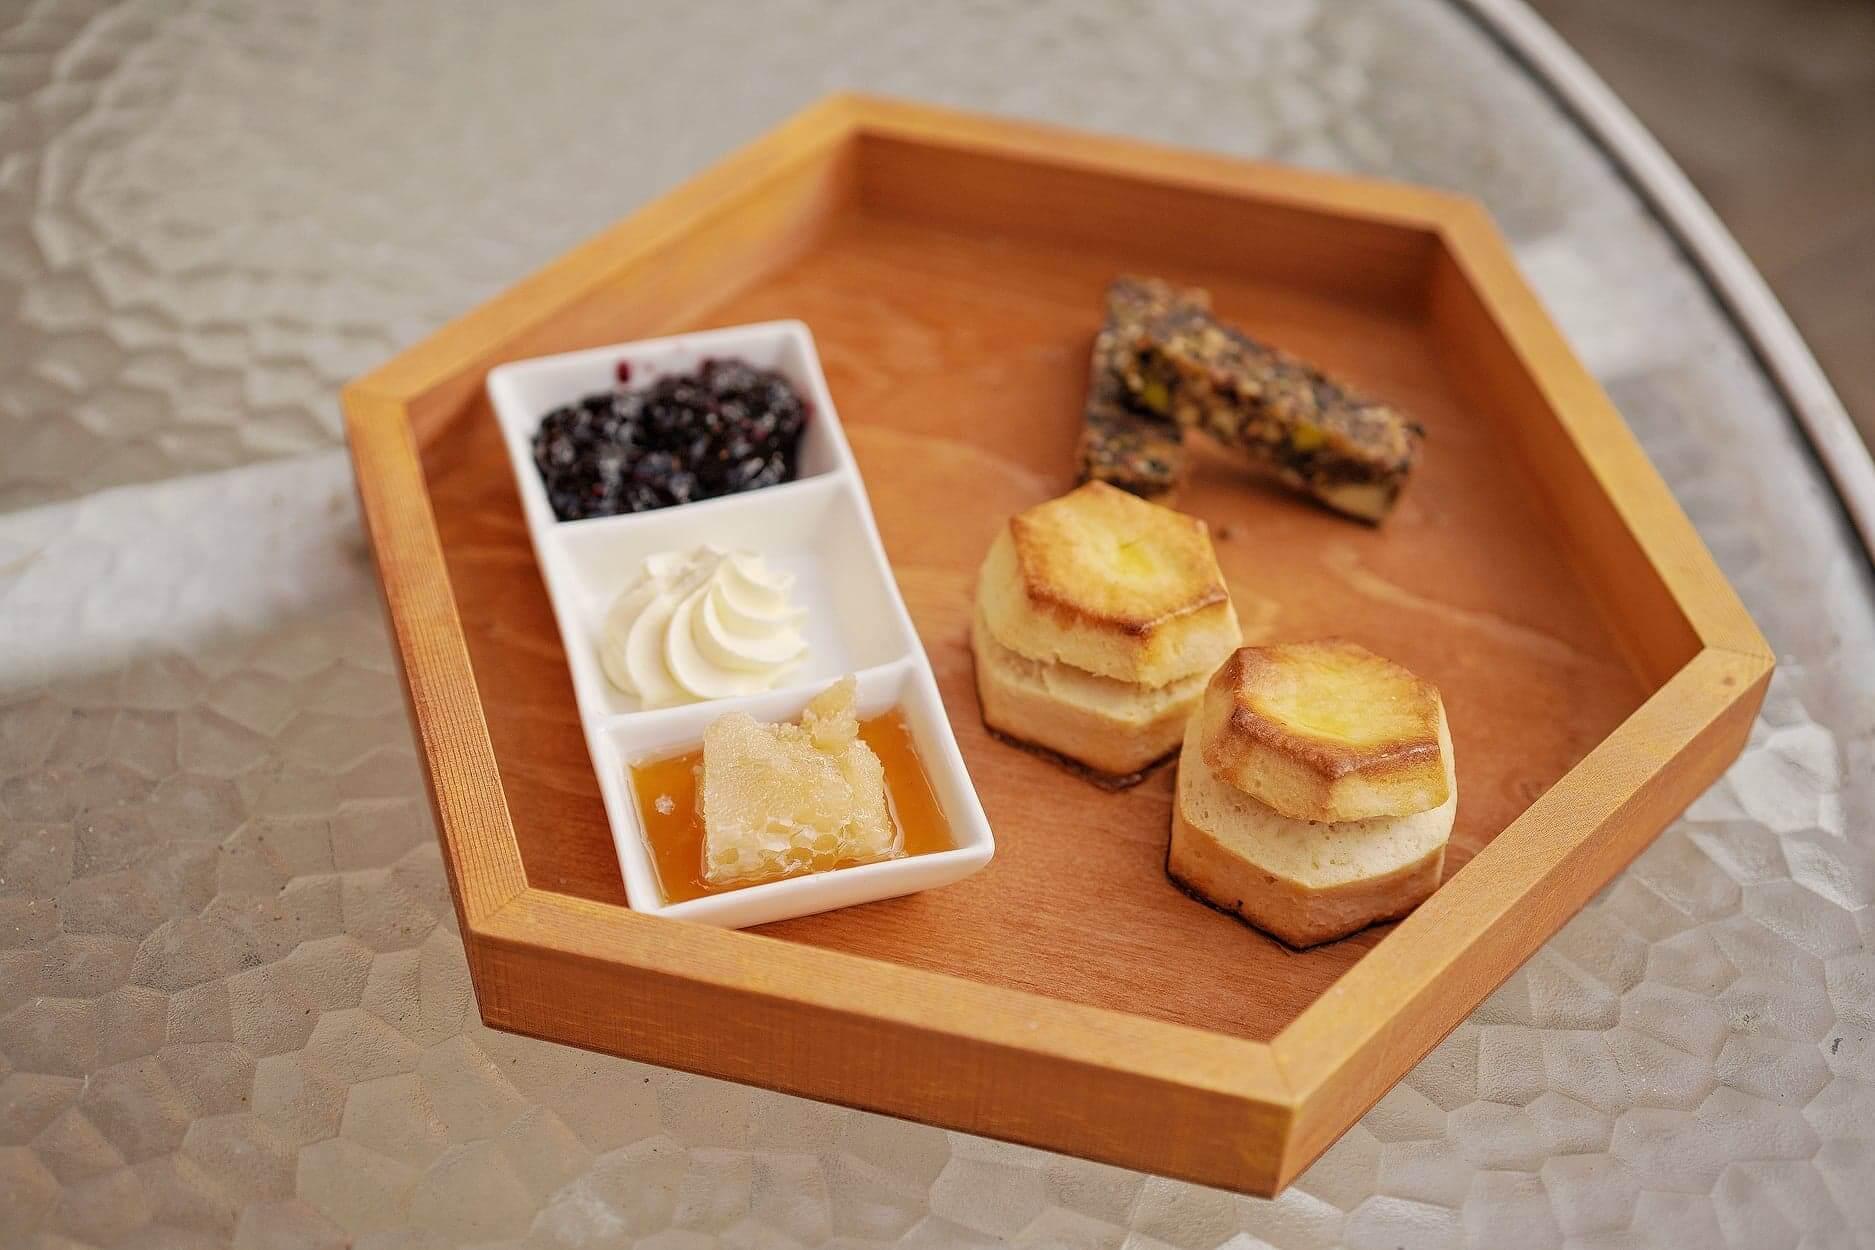 六角形鬆餅,其中一款醬係原件蜂巢!令人驚喜